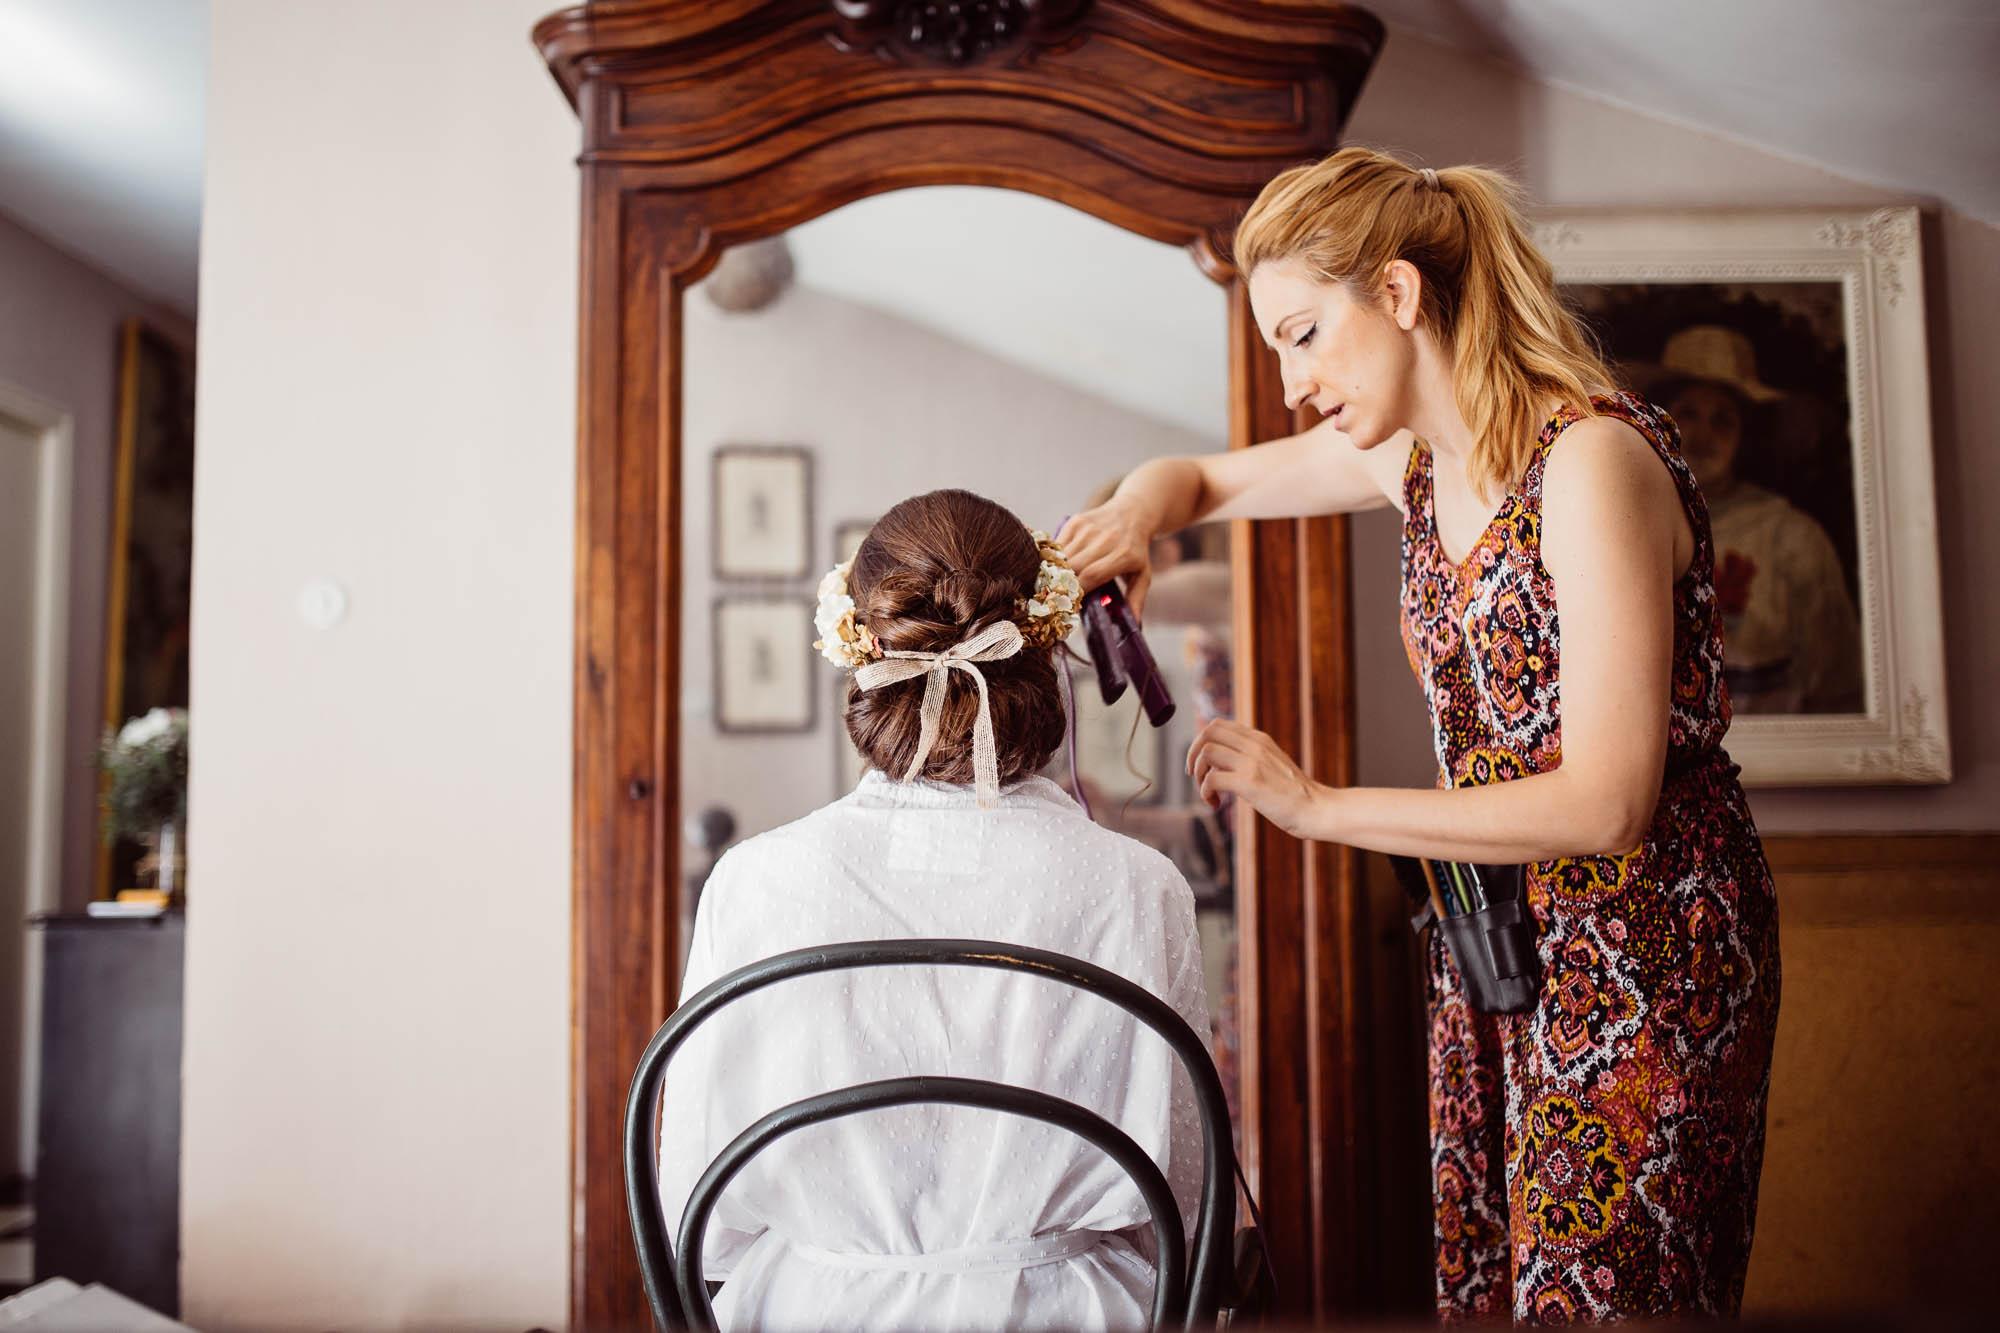 La peluquera peina a la novia durante los preparativos